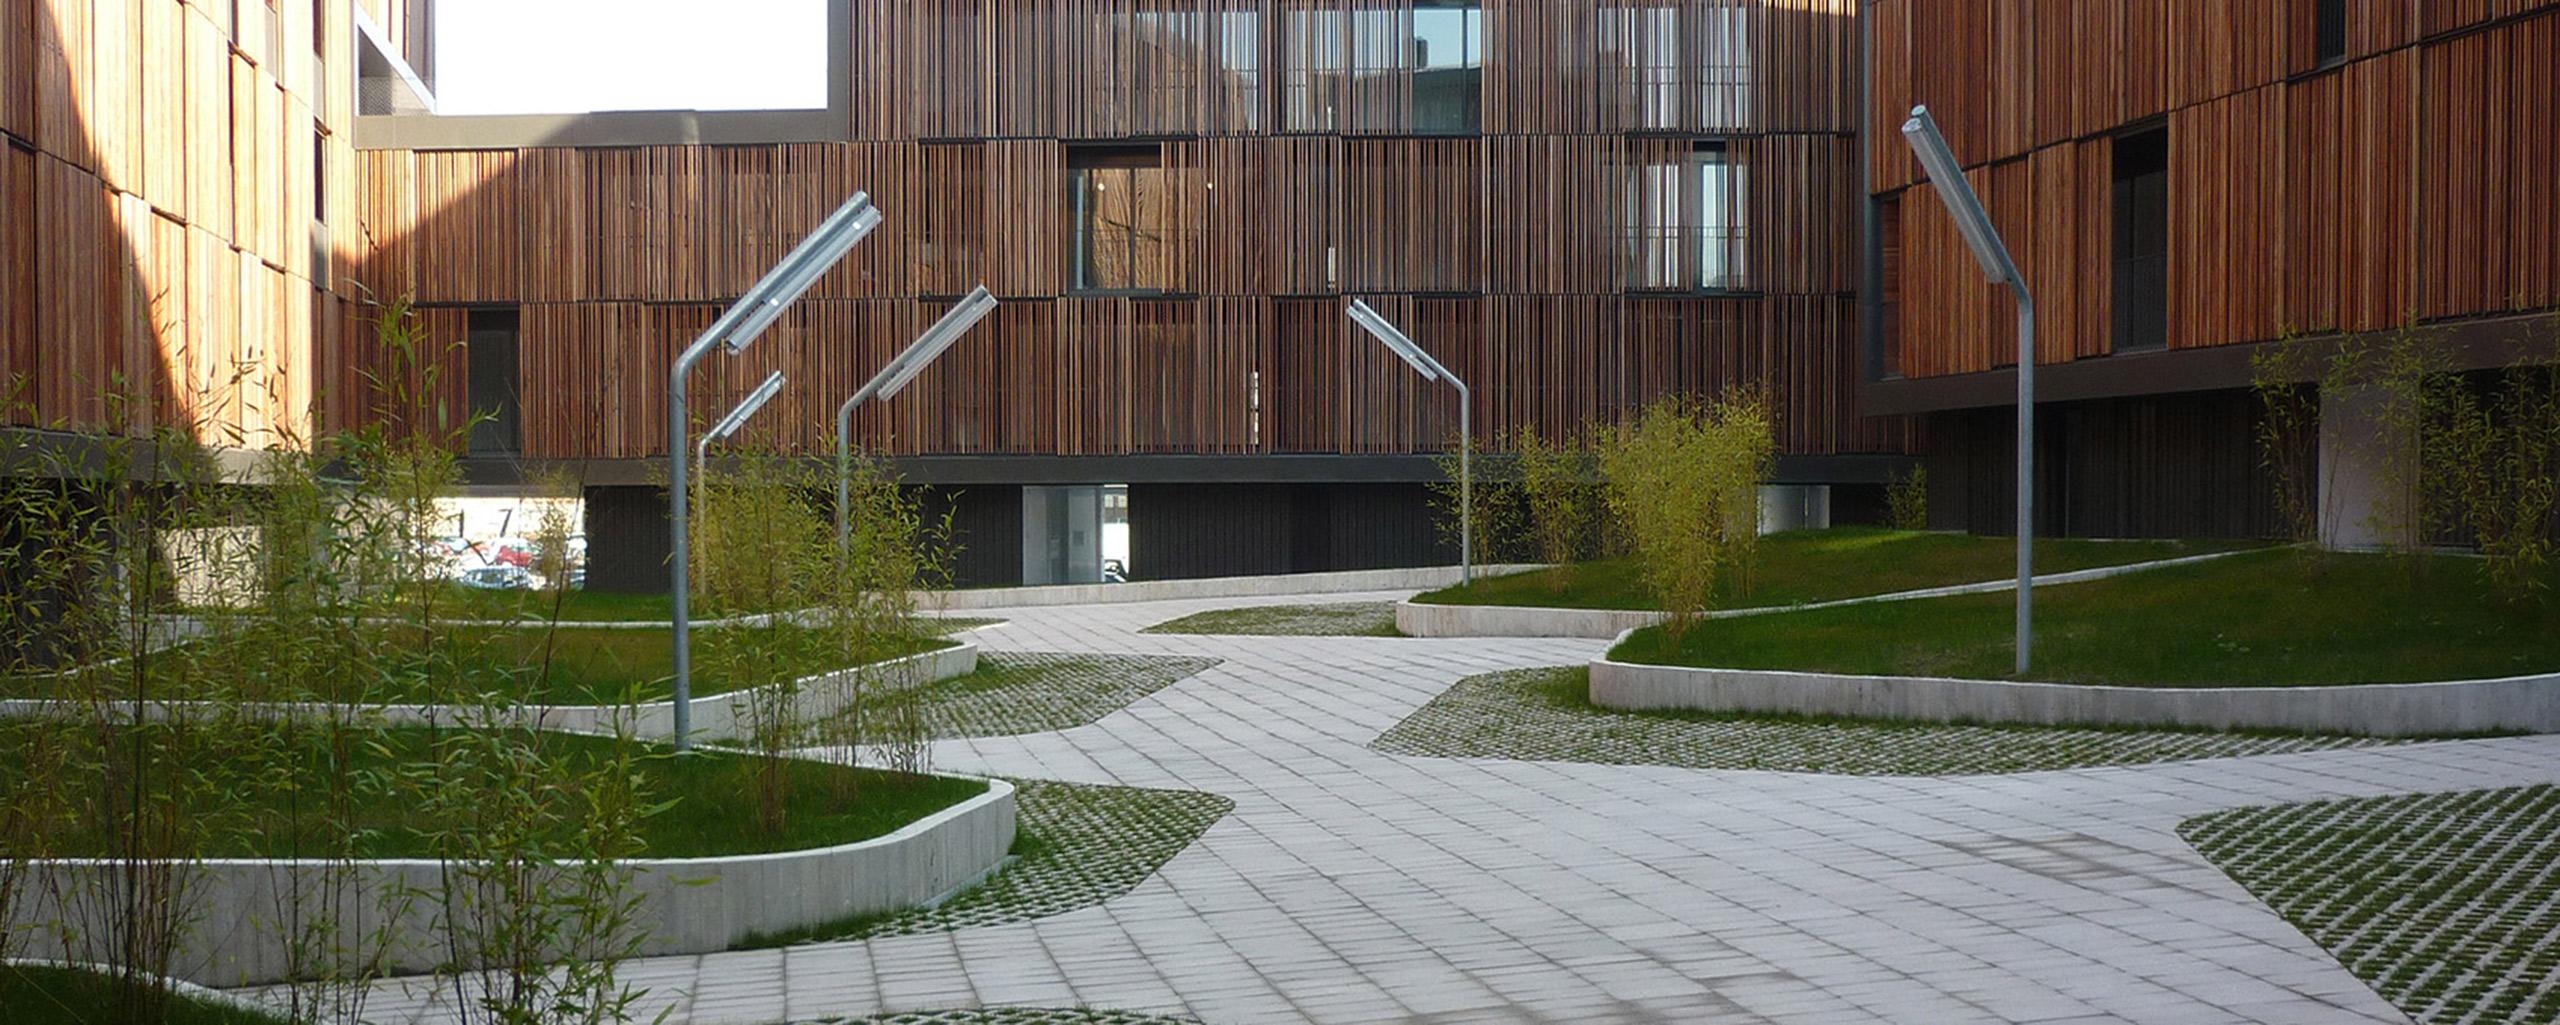 Jardineria en urbanización particular